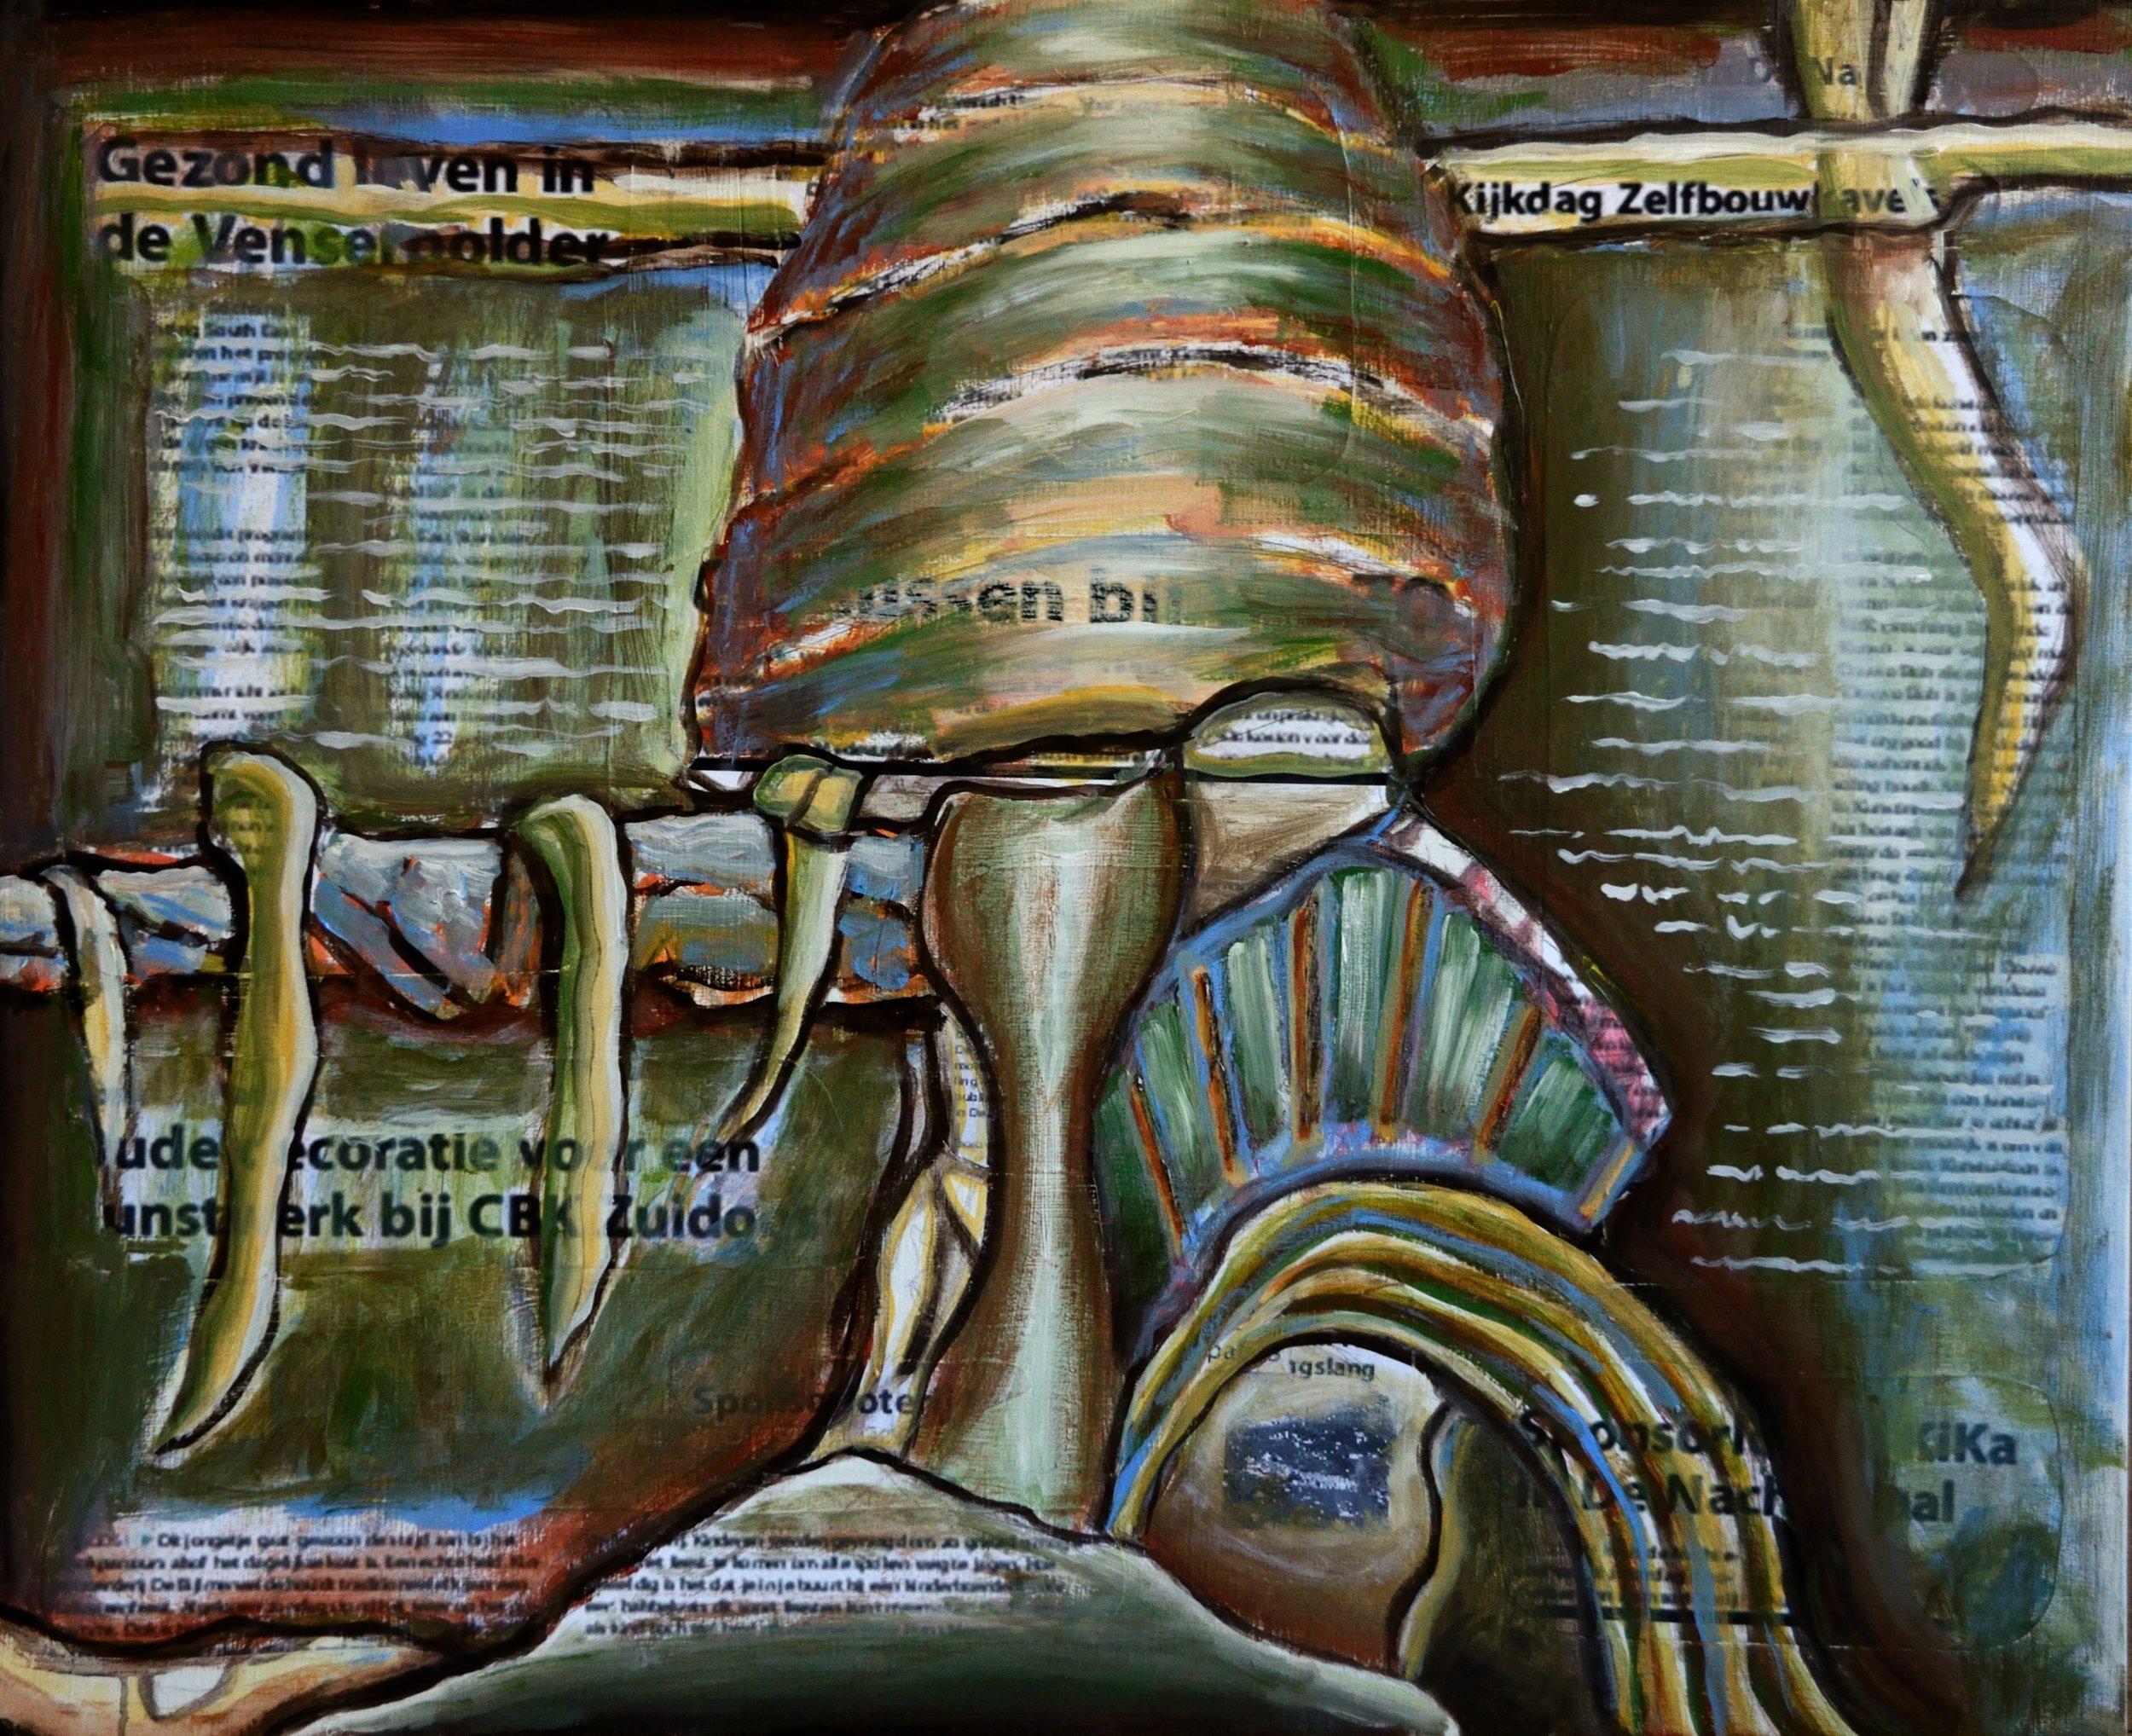 Nachtegaal, acrylic and collage on canvas, 90x110cm